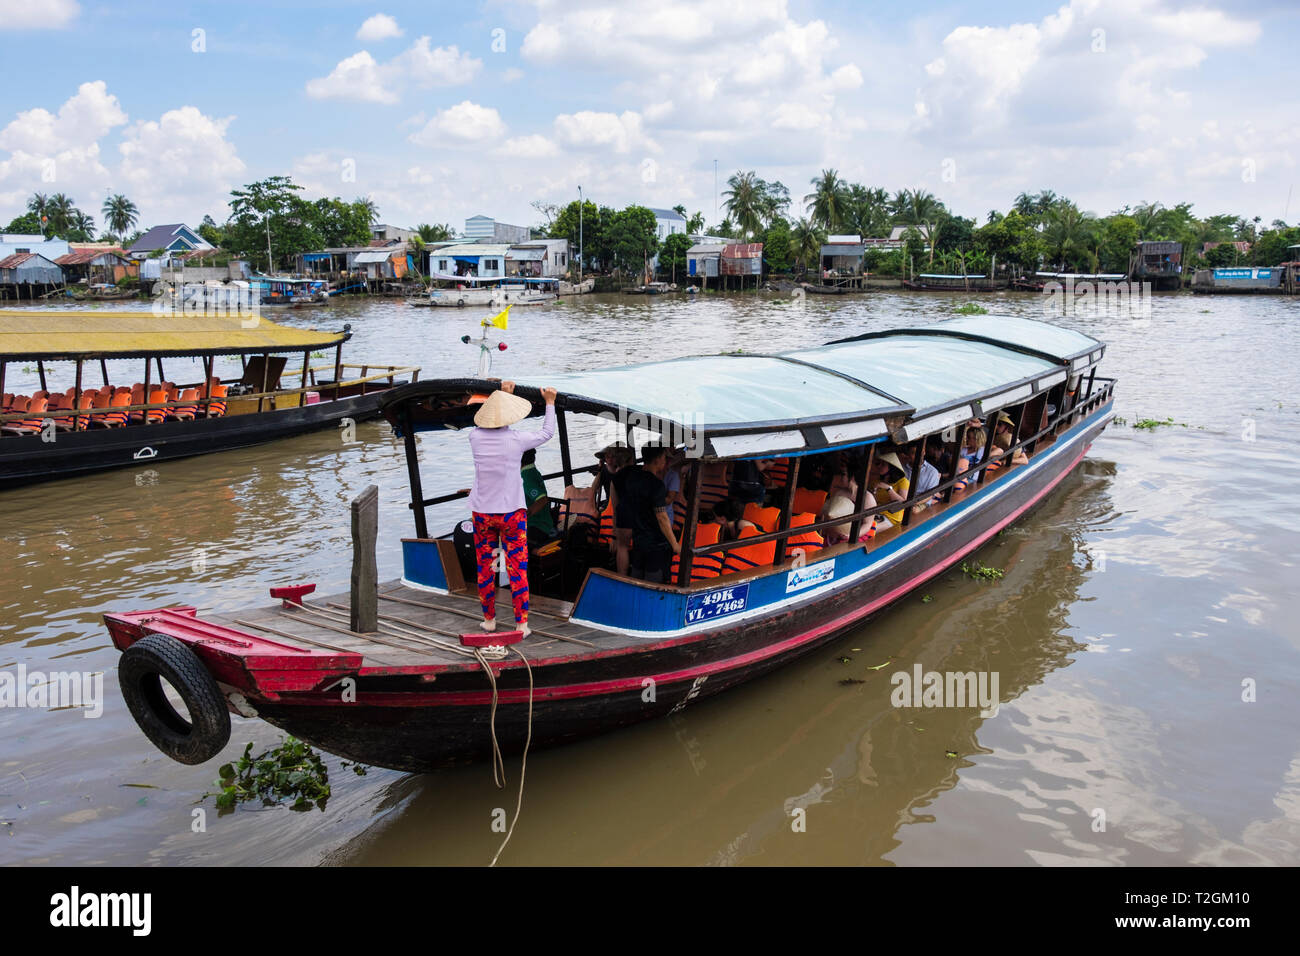 Los turistas en viaje en barco tradicional de río en el Delta del Mekong. Cai Be, Tien Giang, Viet Nam, Asia Imagen De Stock